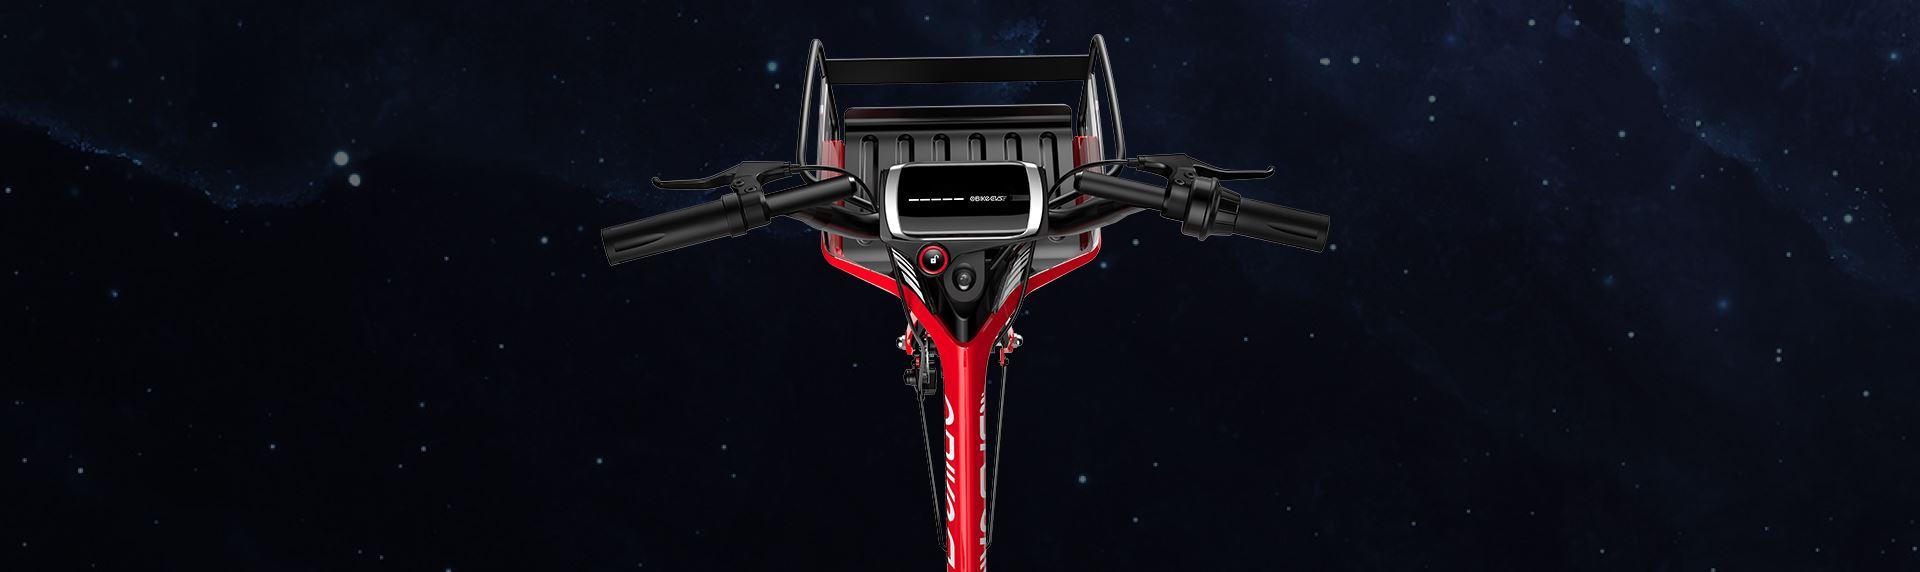 全球AU设计-OBIKEEVS动力辅助自行车